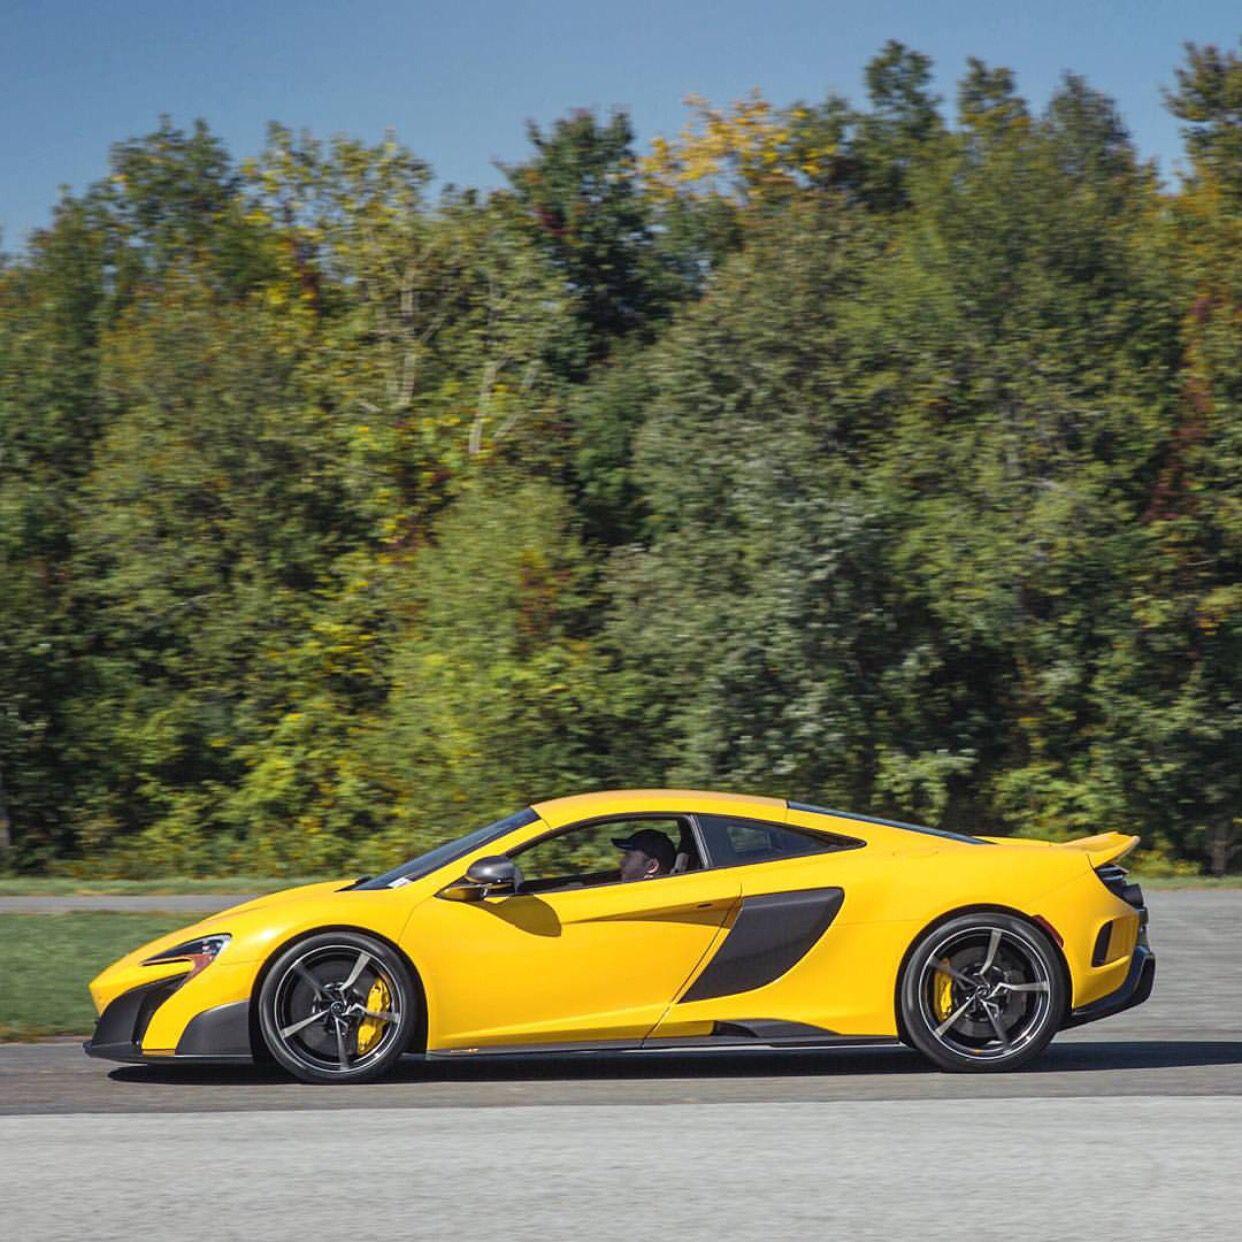 McLaren 675LT painted in Volcano Yellow Photo taken by